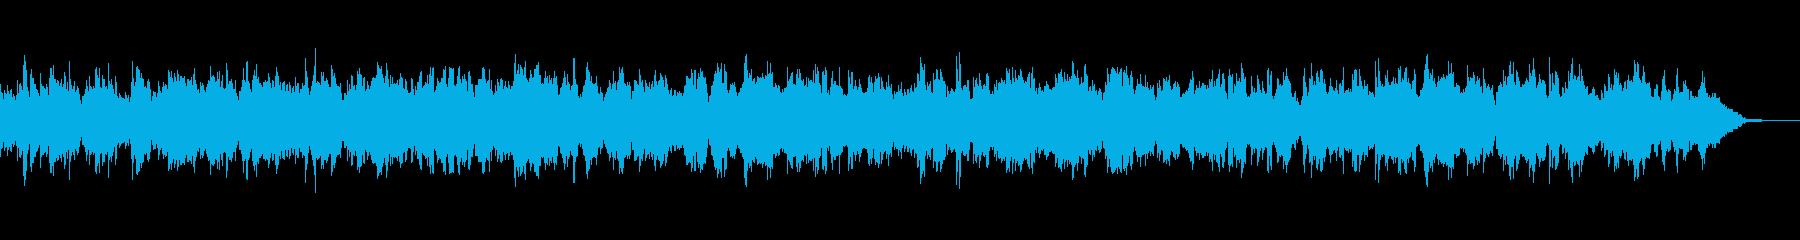 春の卒業入学の感動シーン向け弦楽四重奏の再生済みの波形